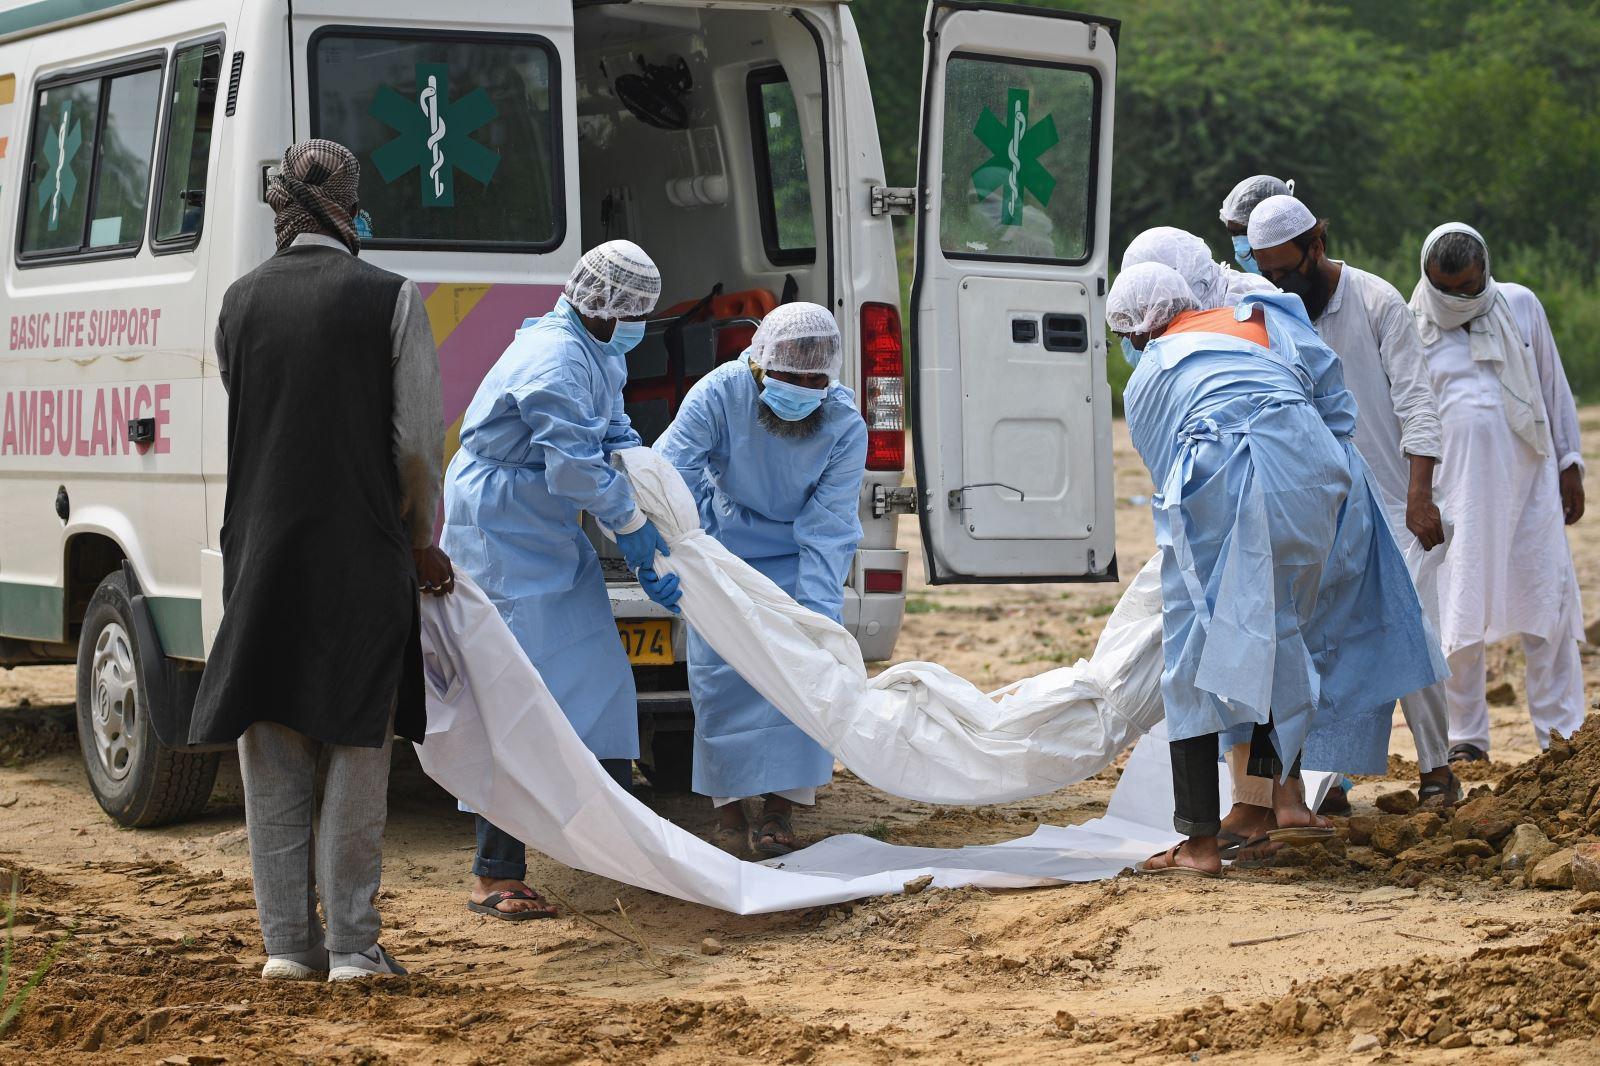 Chuyển thi thể bệnh nhân mắc COVID-19 ra nghĩa trang ở New Delhi, Ấn Độ ngày 6-7-2020. Ảnh: AFP/TTXVN